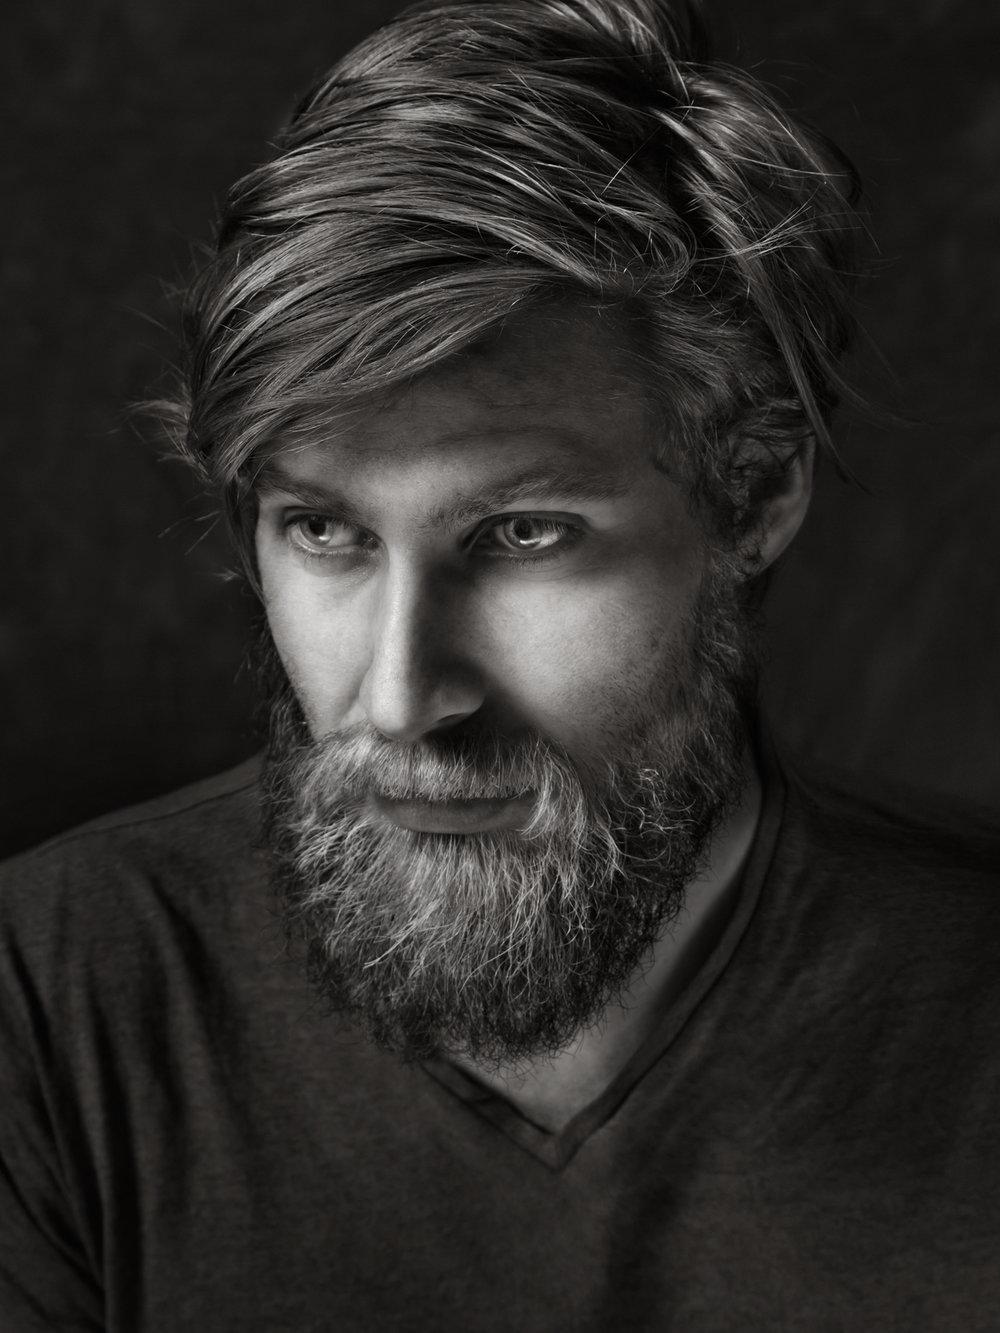 Fotograf Tone Tvedt. Fotograf i Oslo. Portrett av musiker Simen Solli Schøien